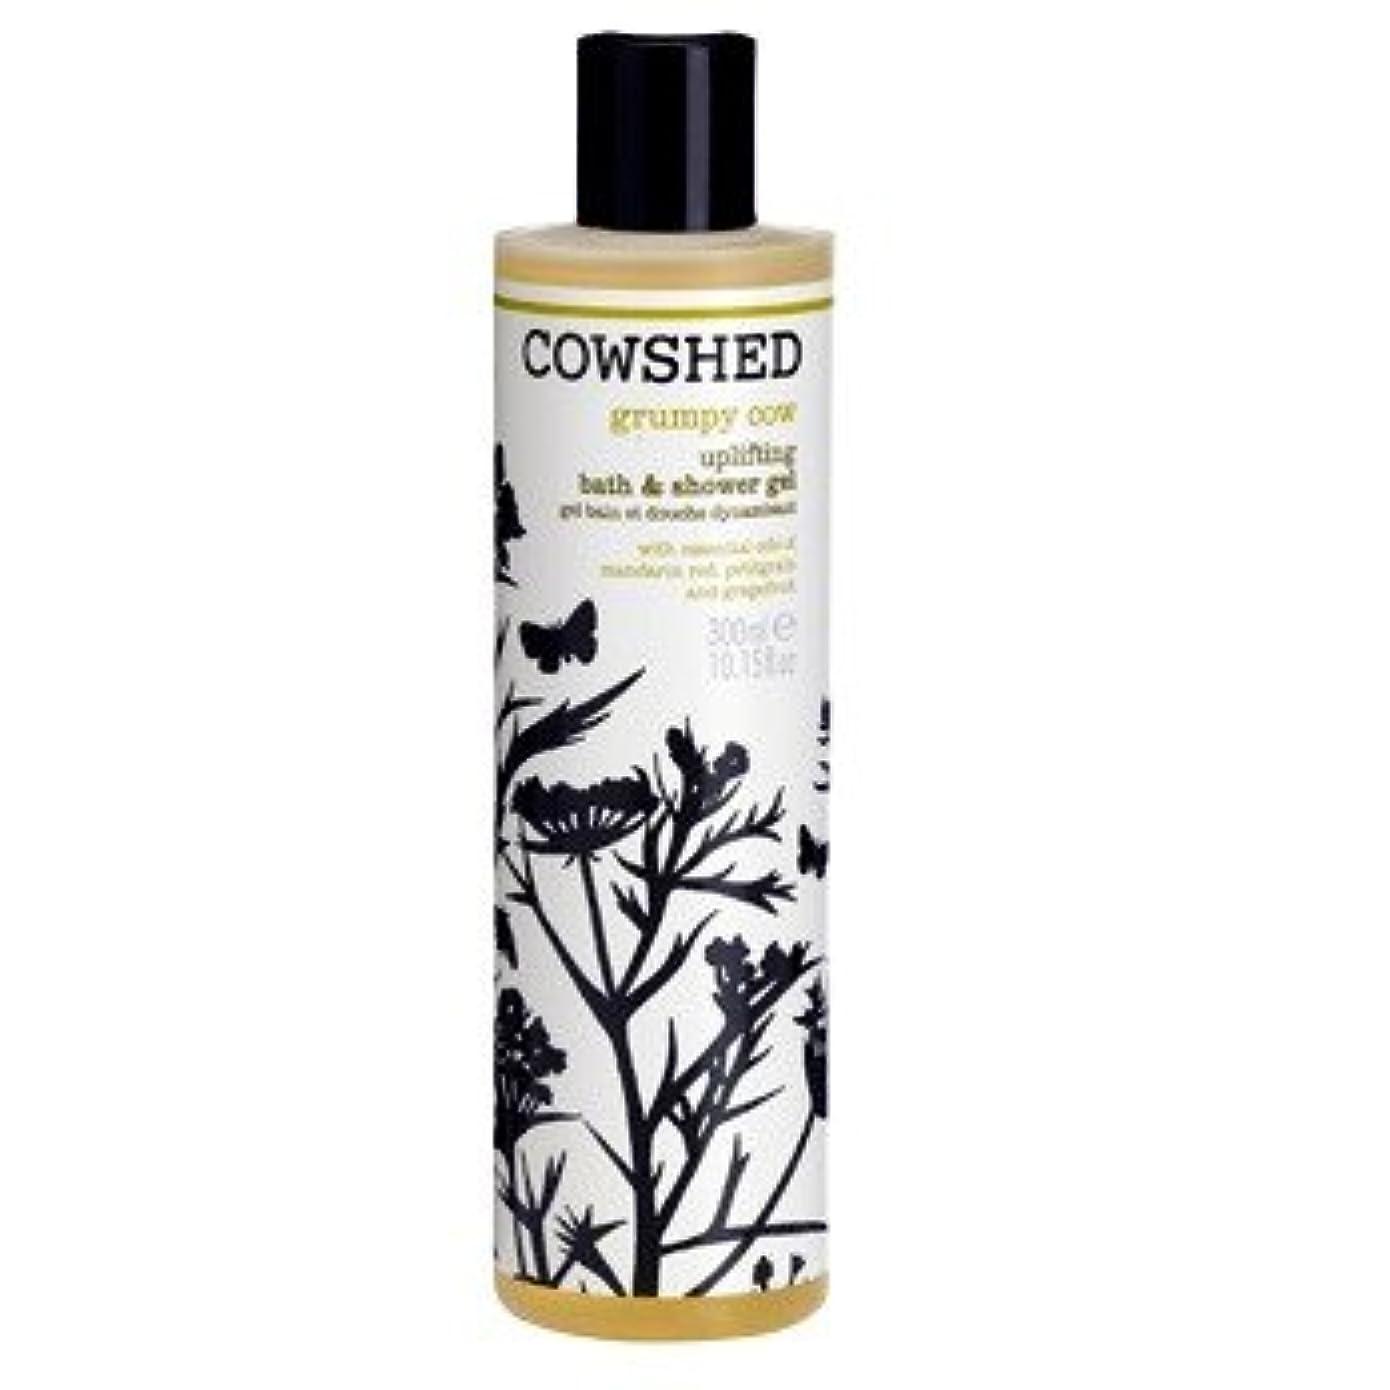 バターリアル探す牛舎気難しい牛高揚バス&シャワージェル300ミリリットル (Cowshed) (x2) - Cowshed Grumpy Cow Uplifting Bath & Shower Gel 300ml (Pack of 2) [並行輸入品]